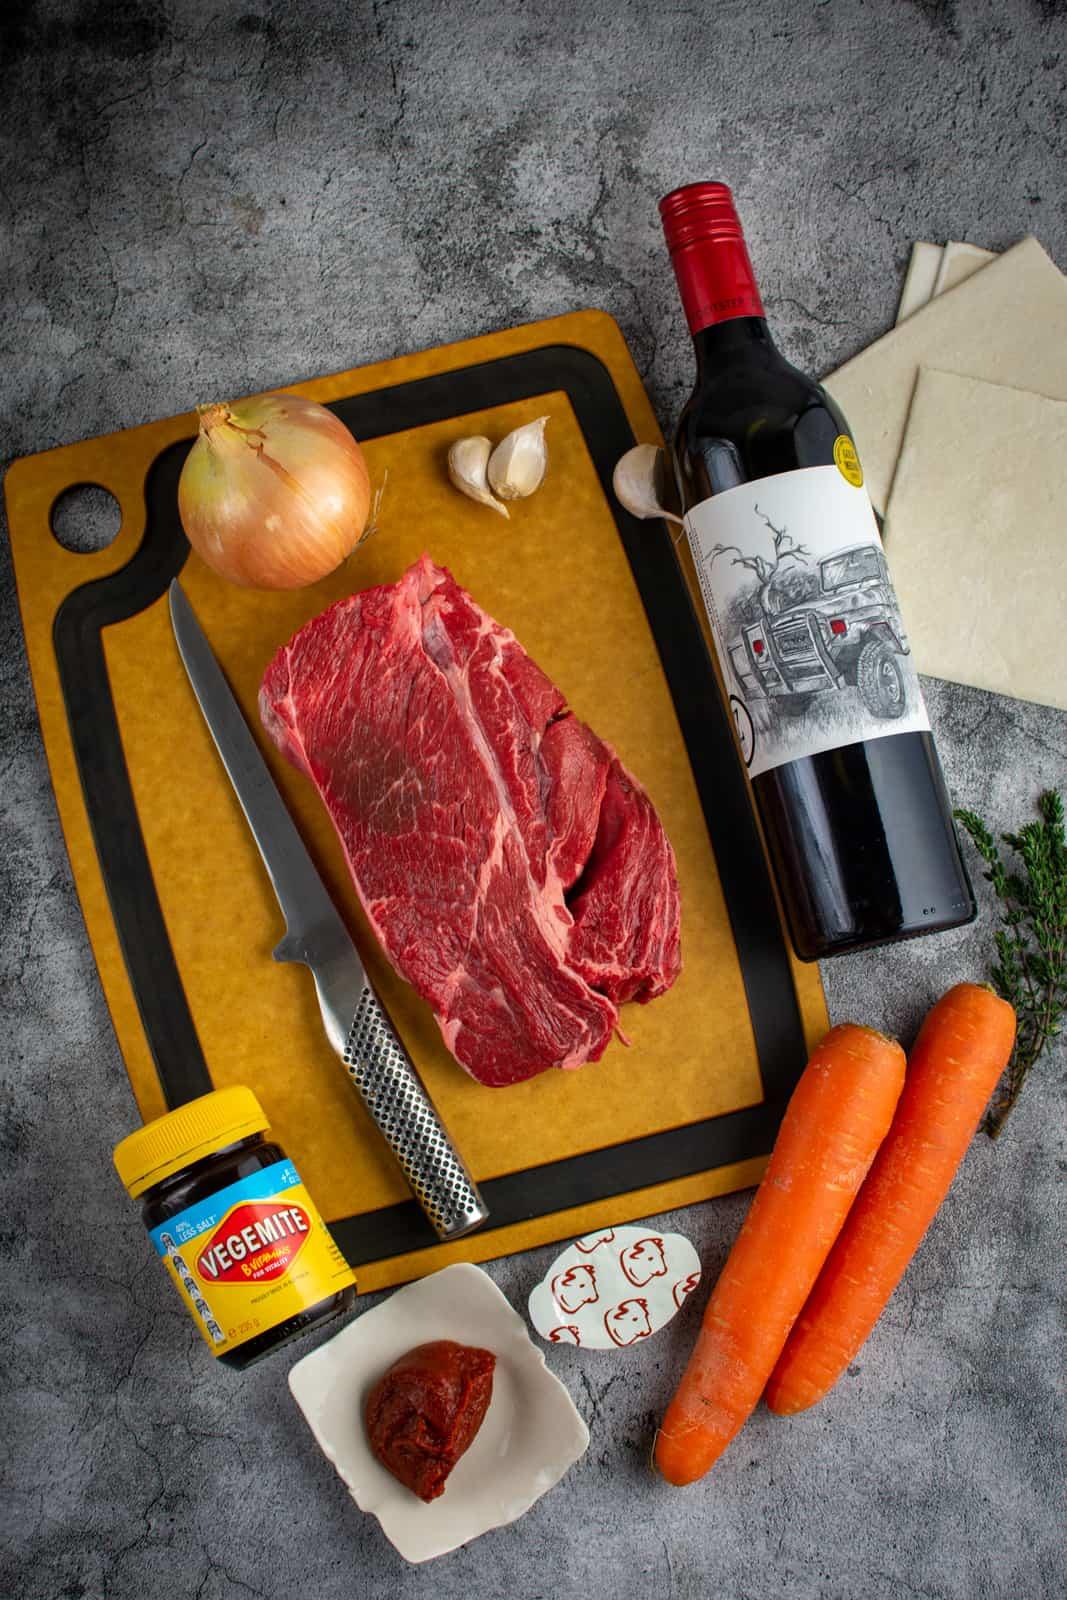 ingredienst for beef & vegemite pies